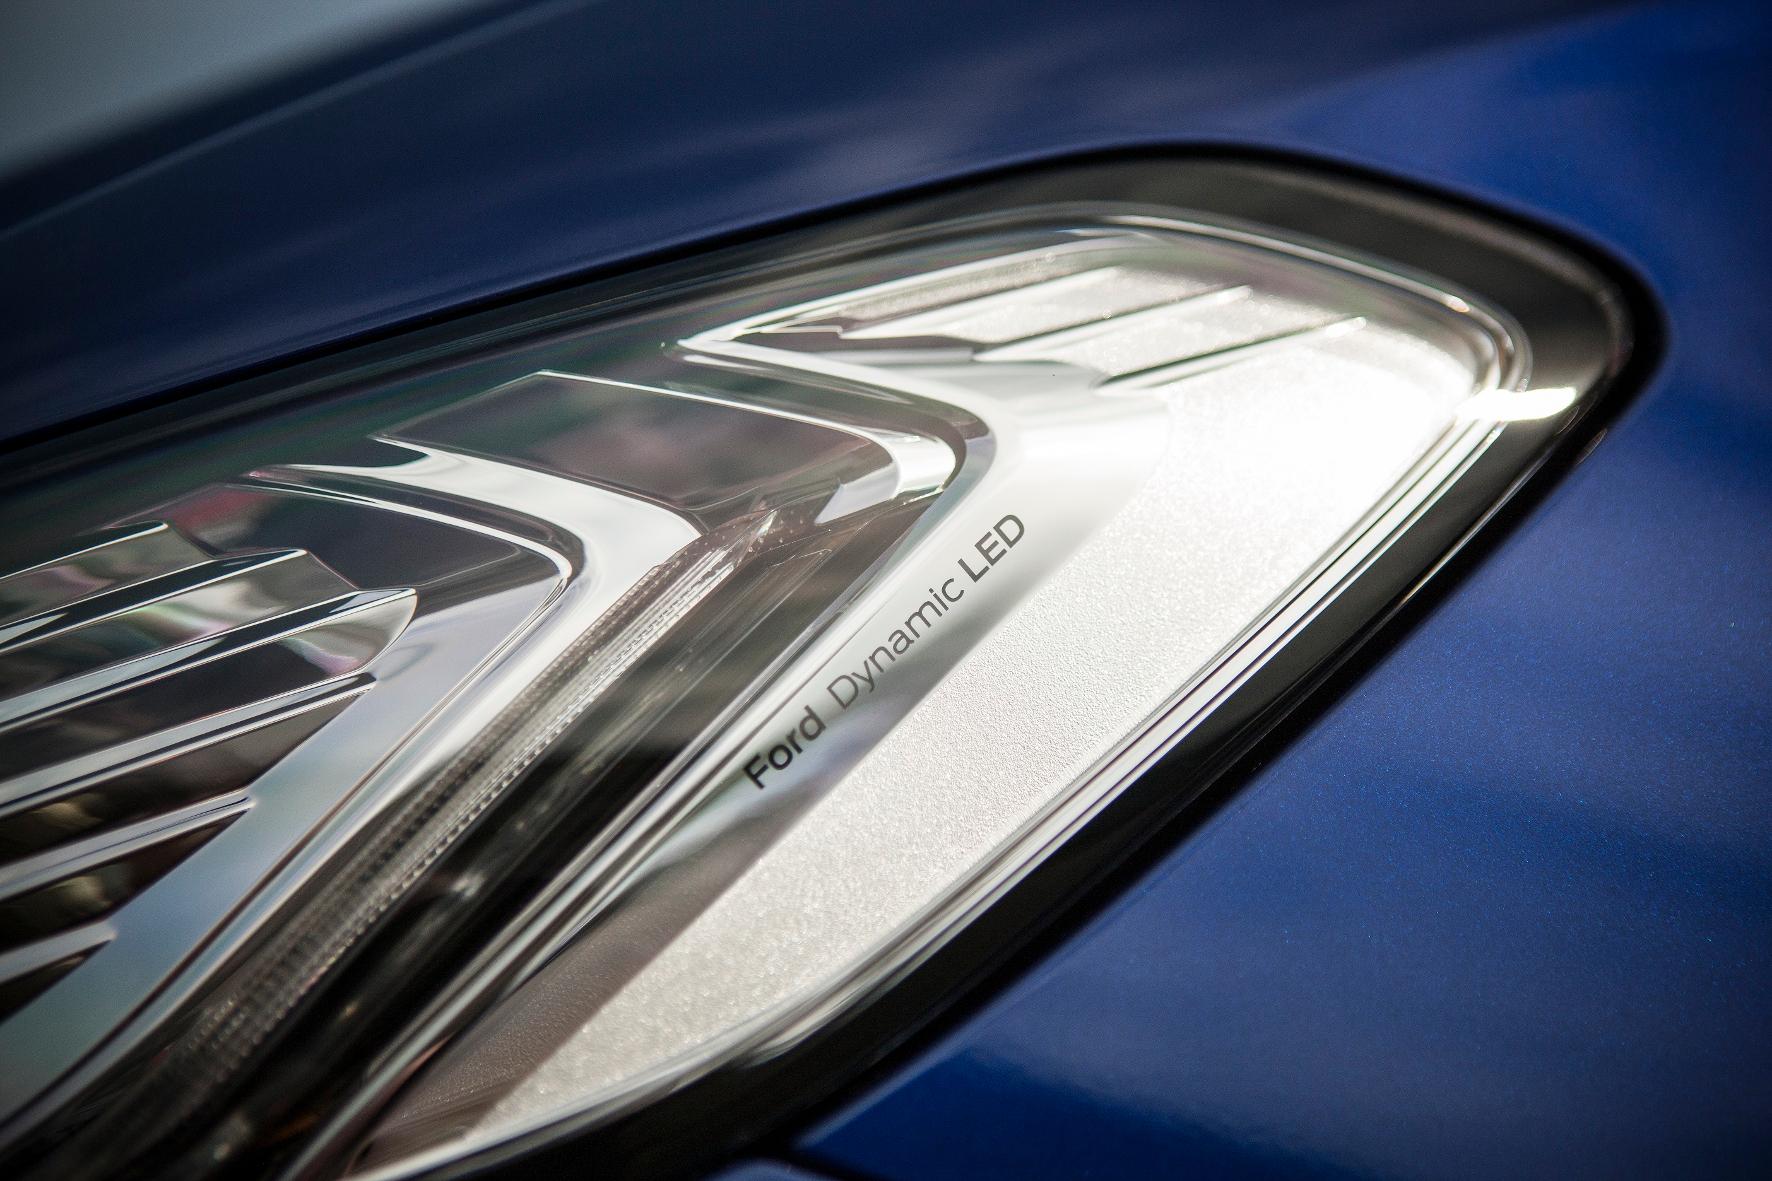 mid Groß-Gerau - Mit spezieller Licht-Technik leuchtet Ford Autofahrern den Weg durch das nächste Unwetter.